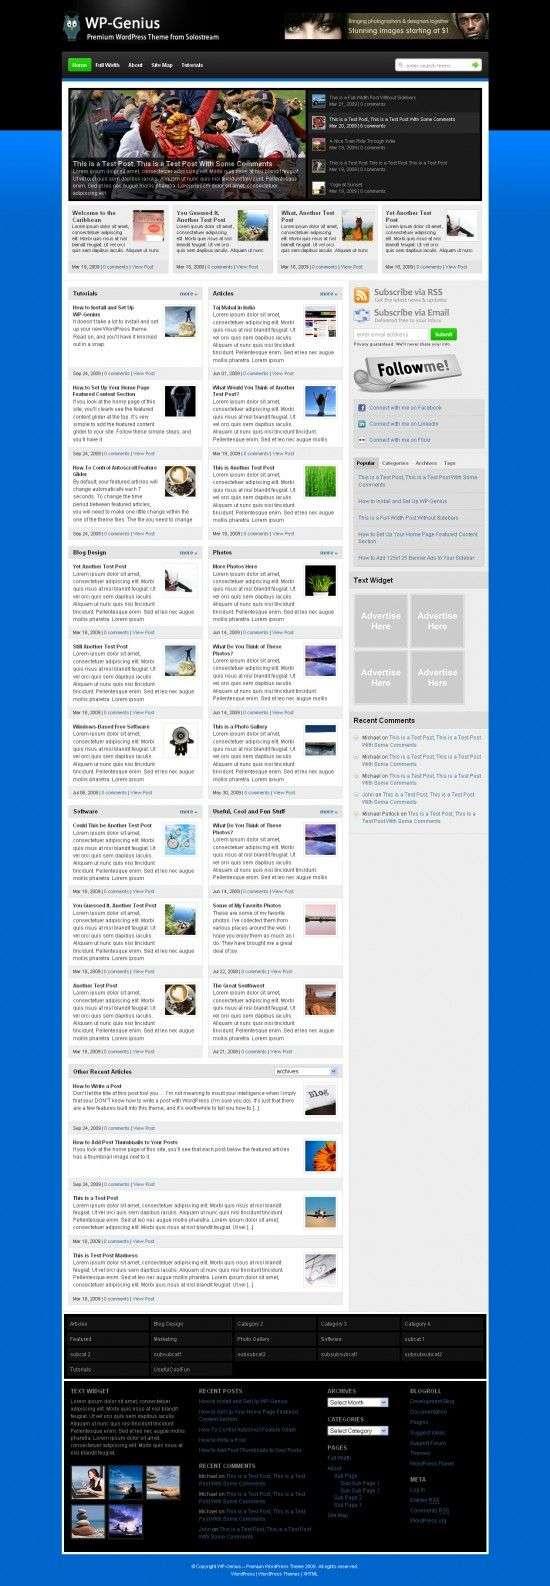 WP Genius Solostream 550x1586 - WP-Genius Premium Wordpress Theme